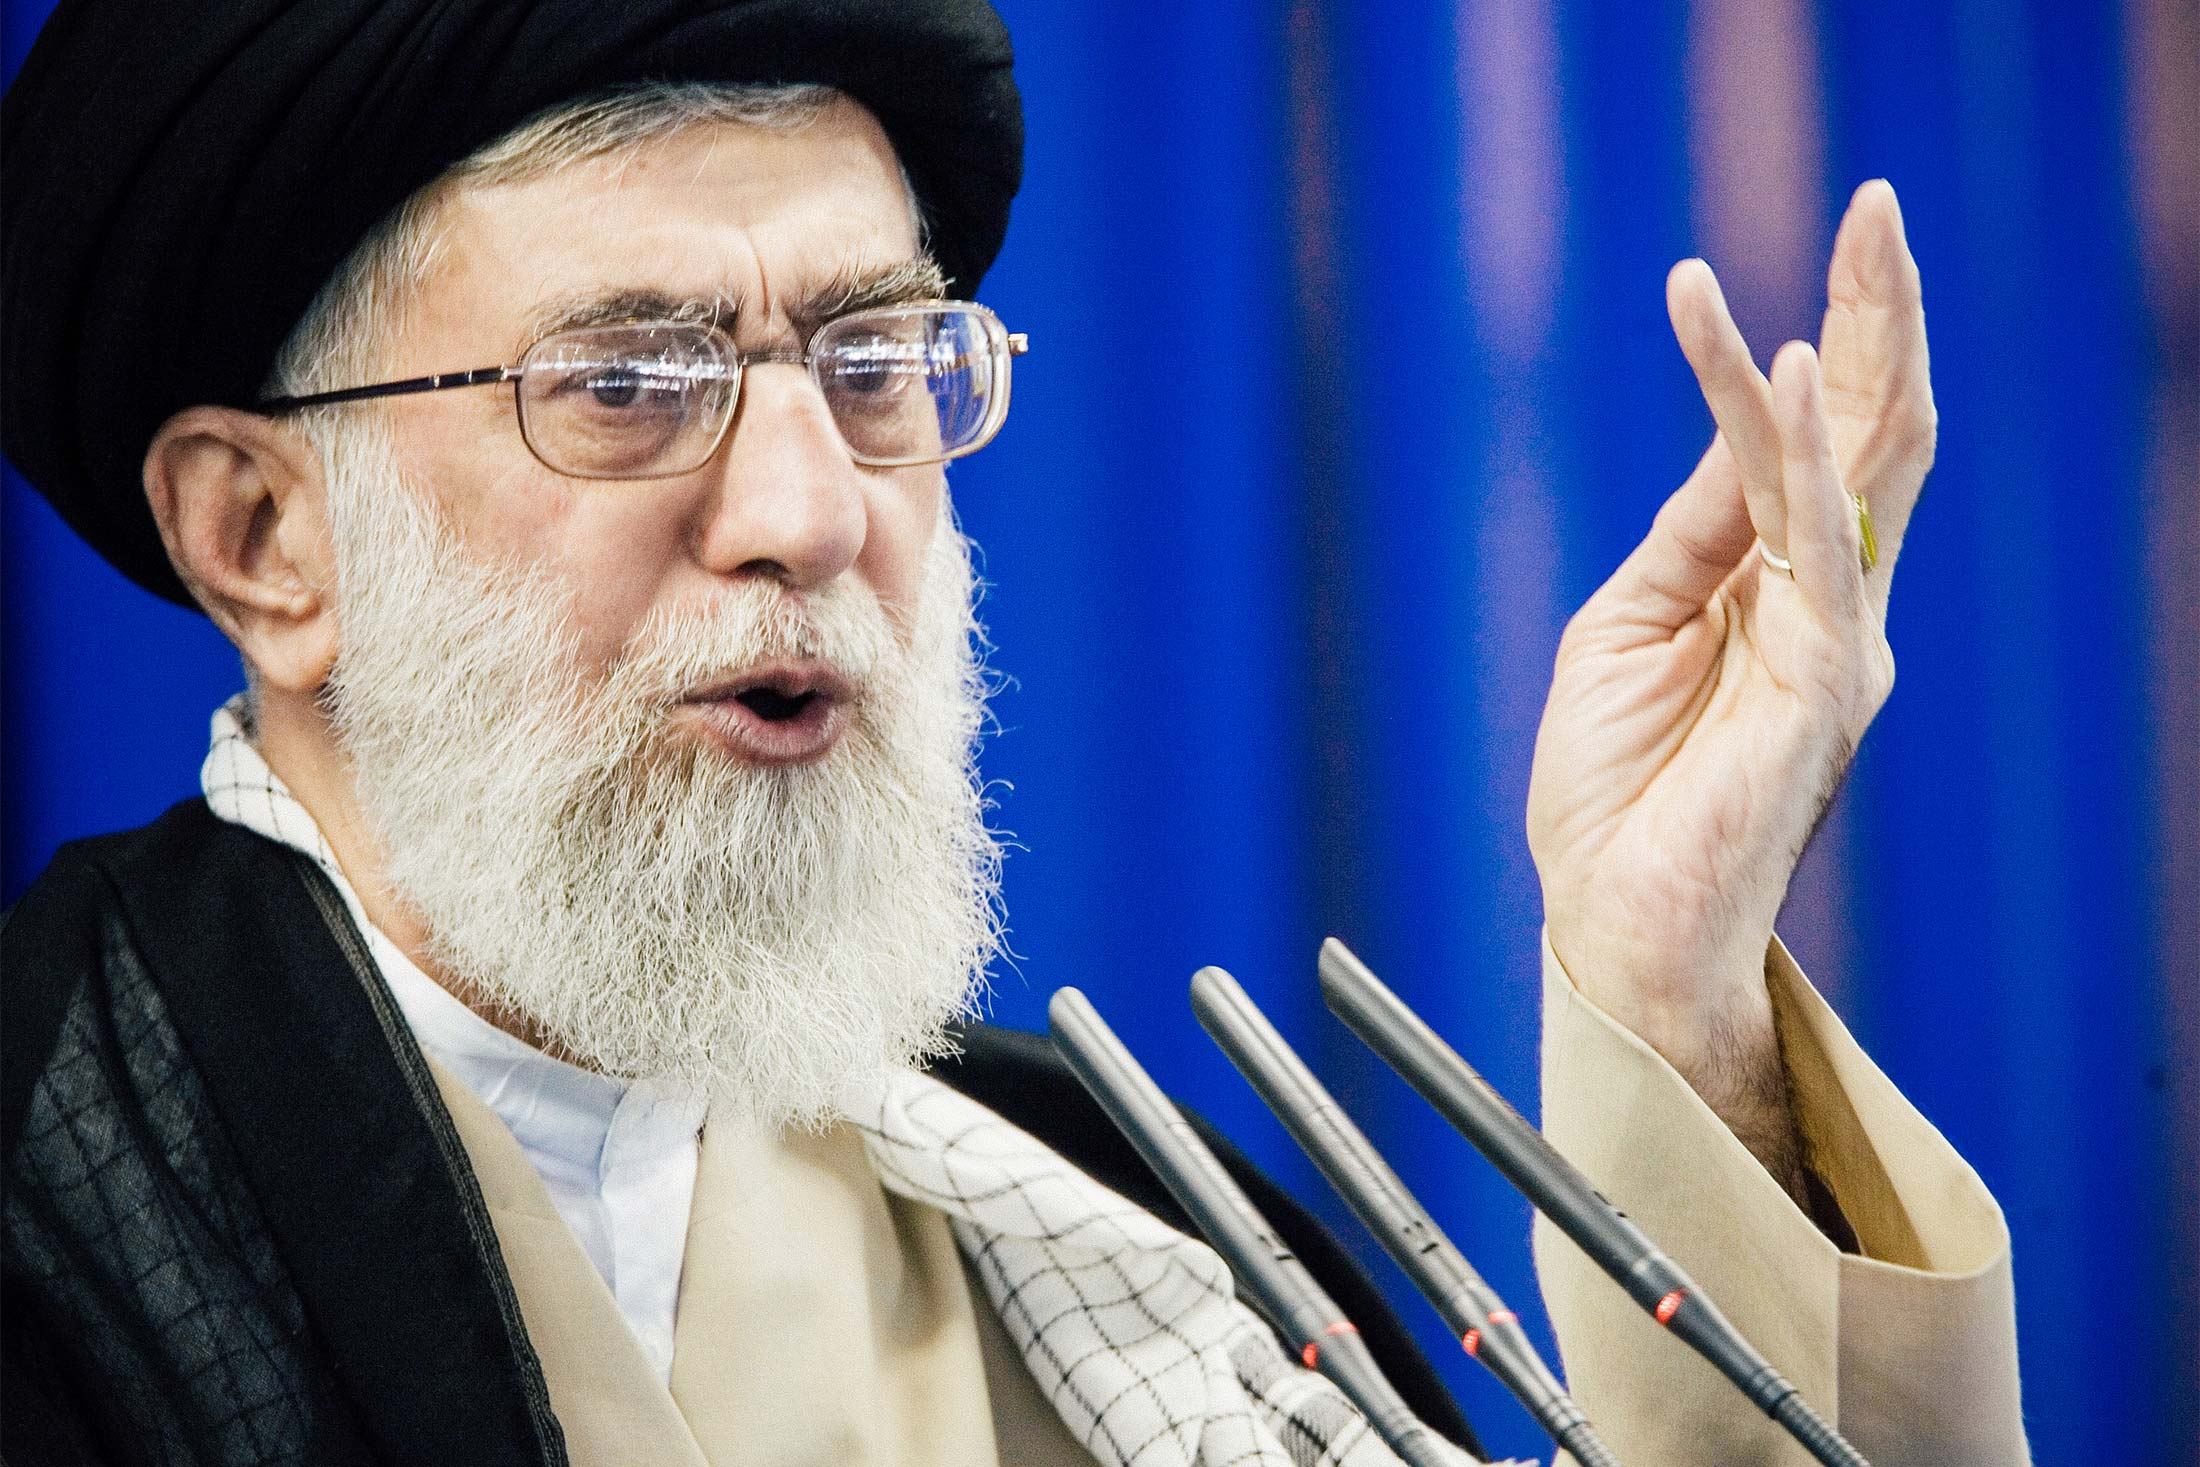 Ayatollah Ali Khamenei speaks during Friday prayers in Tehran on Sept. 14, 2007.